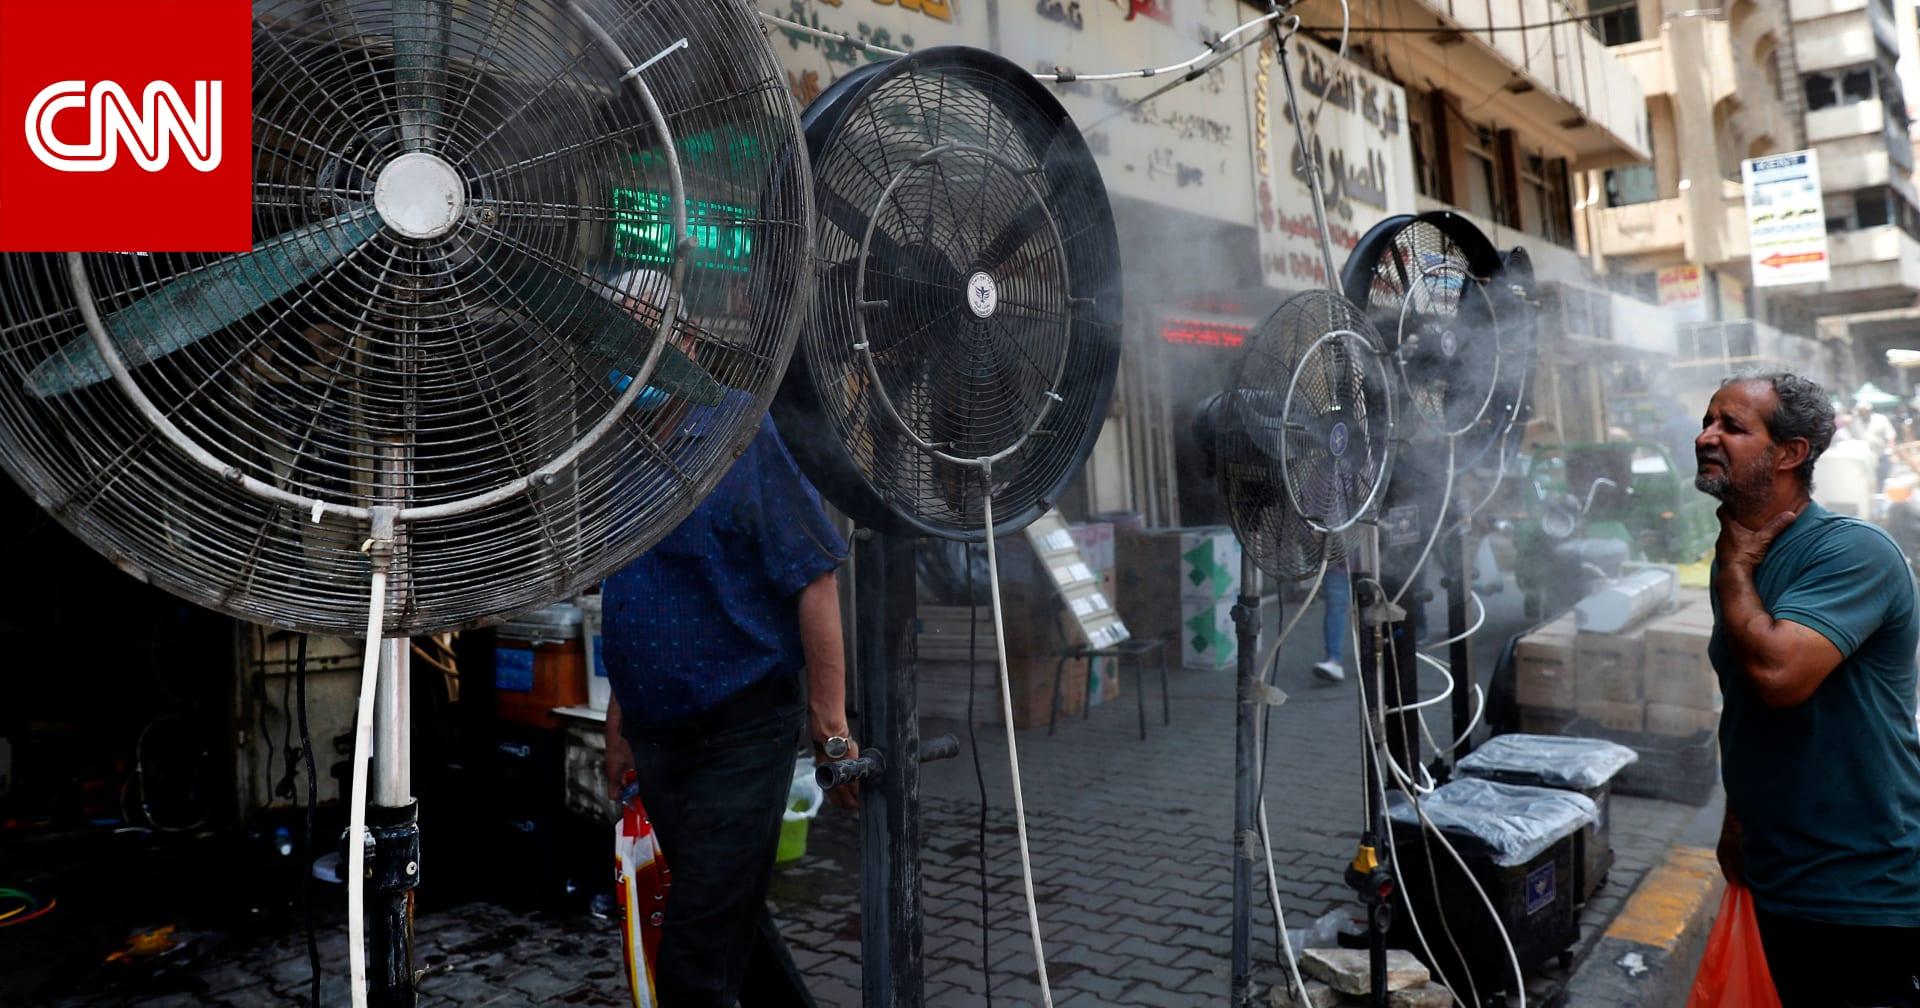 موجة حارة شديدة تضرب العراق وتدفع الحكومة لإعلان عطلة رسمية في عدة محافظات